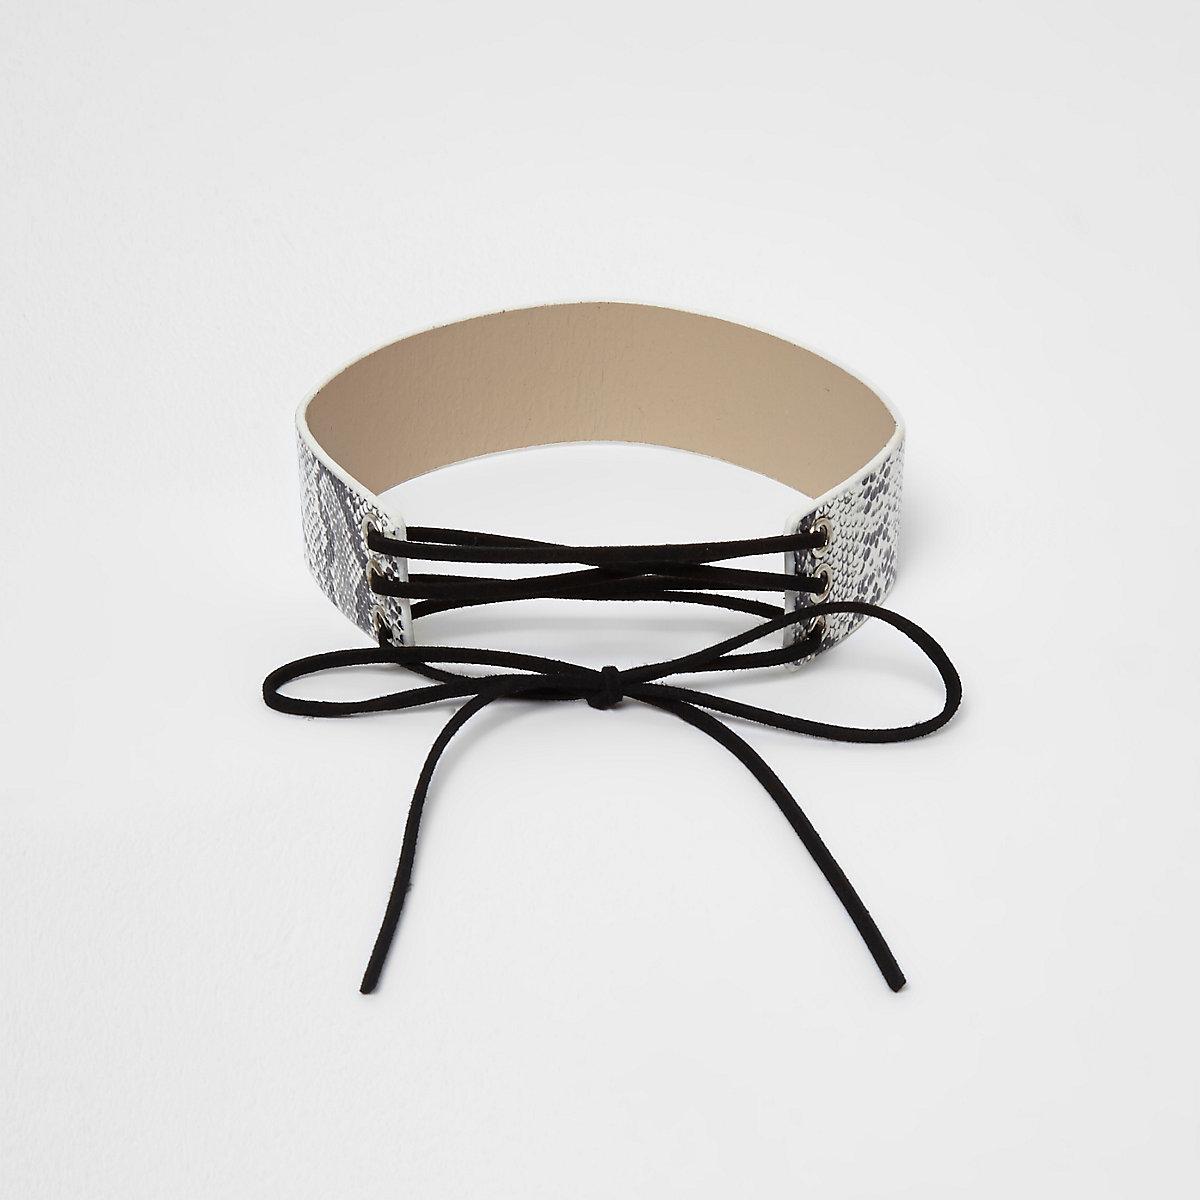 Collier Ras De Cou Motif Serpent Blanc Style Cravate Texane